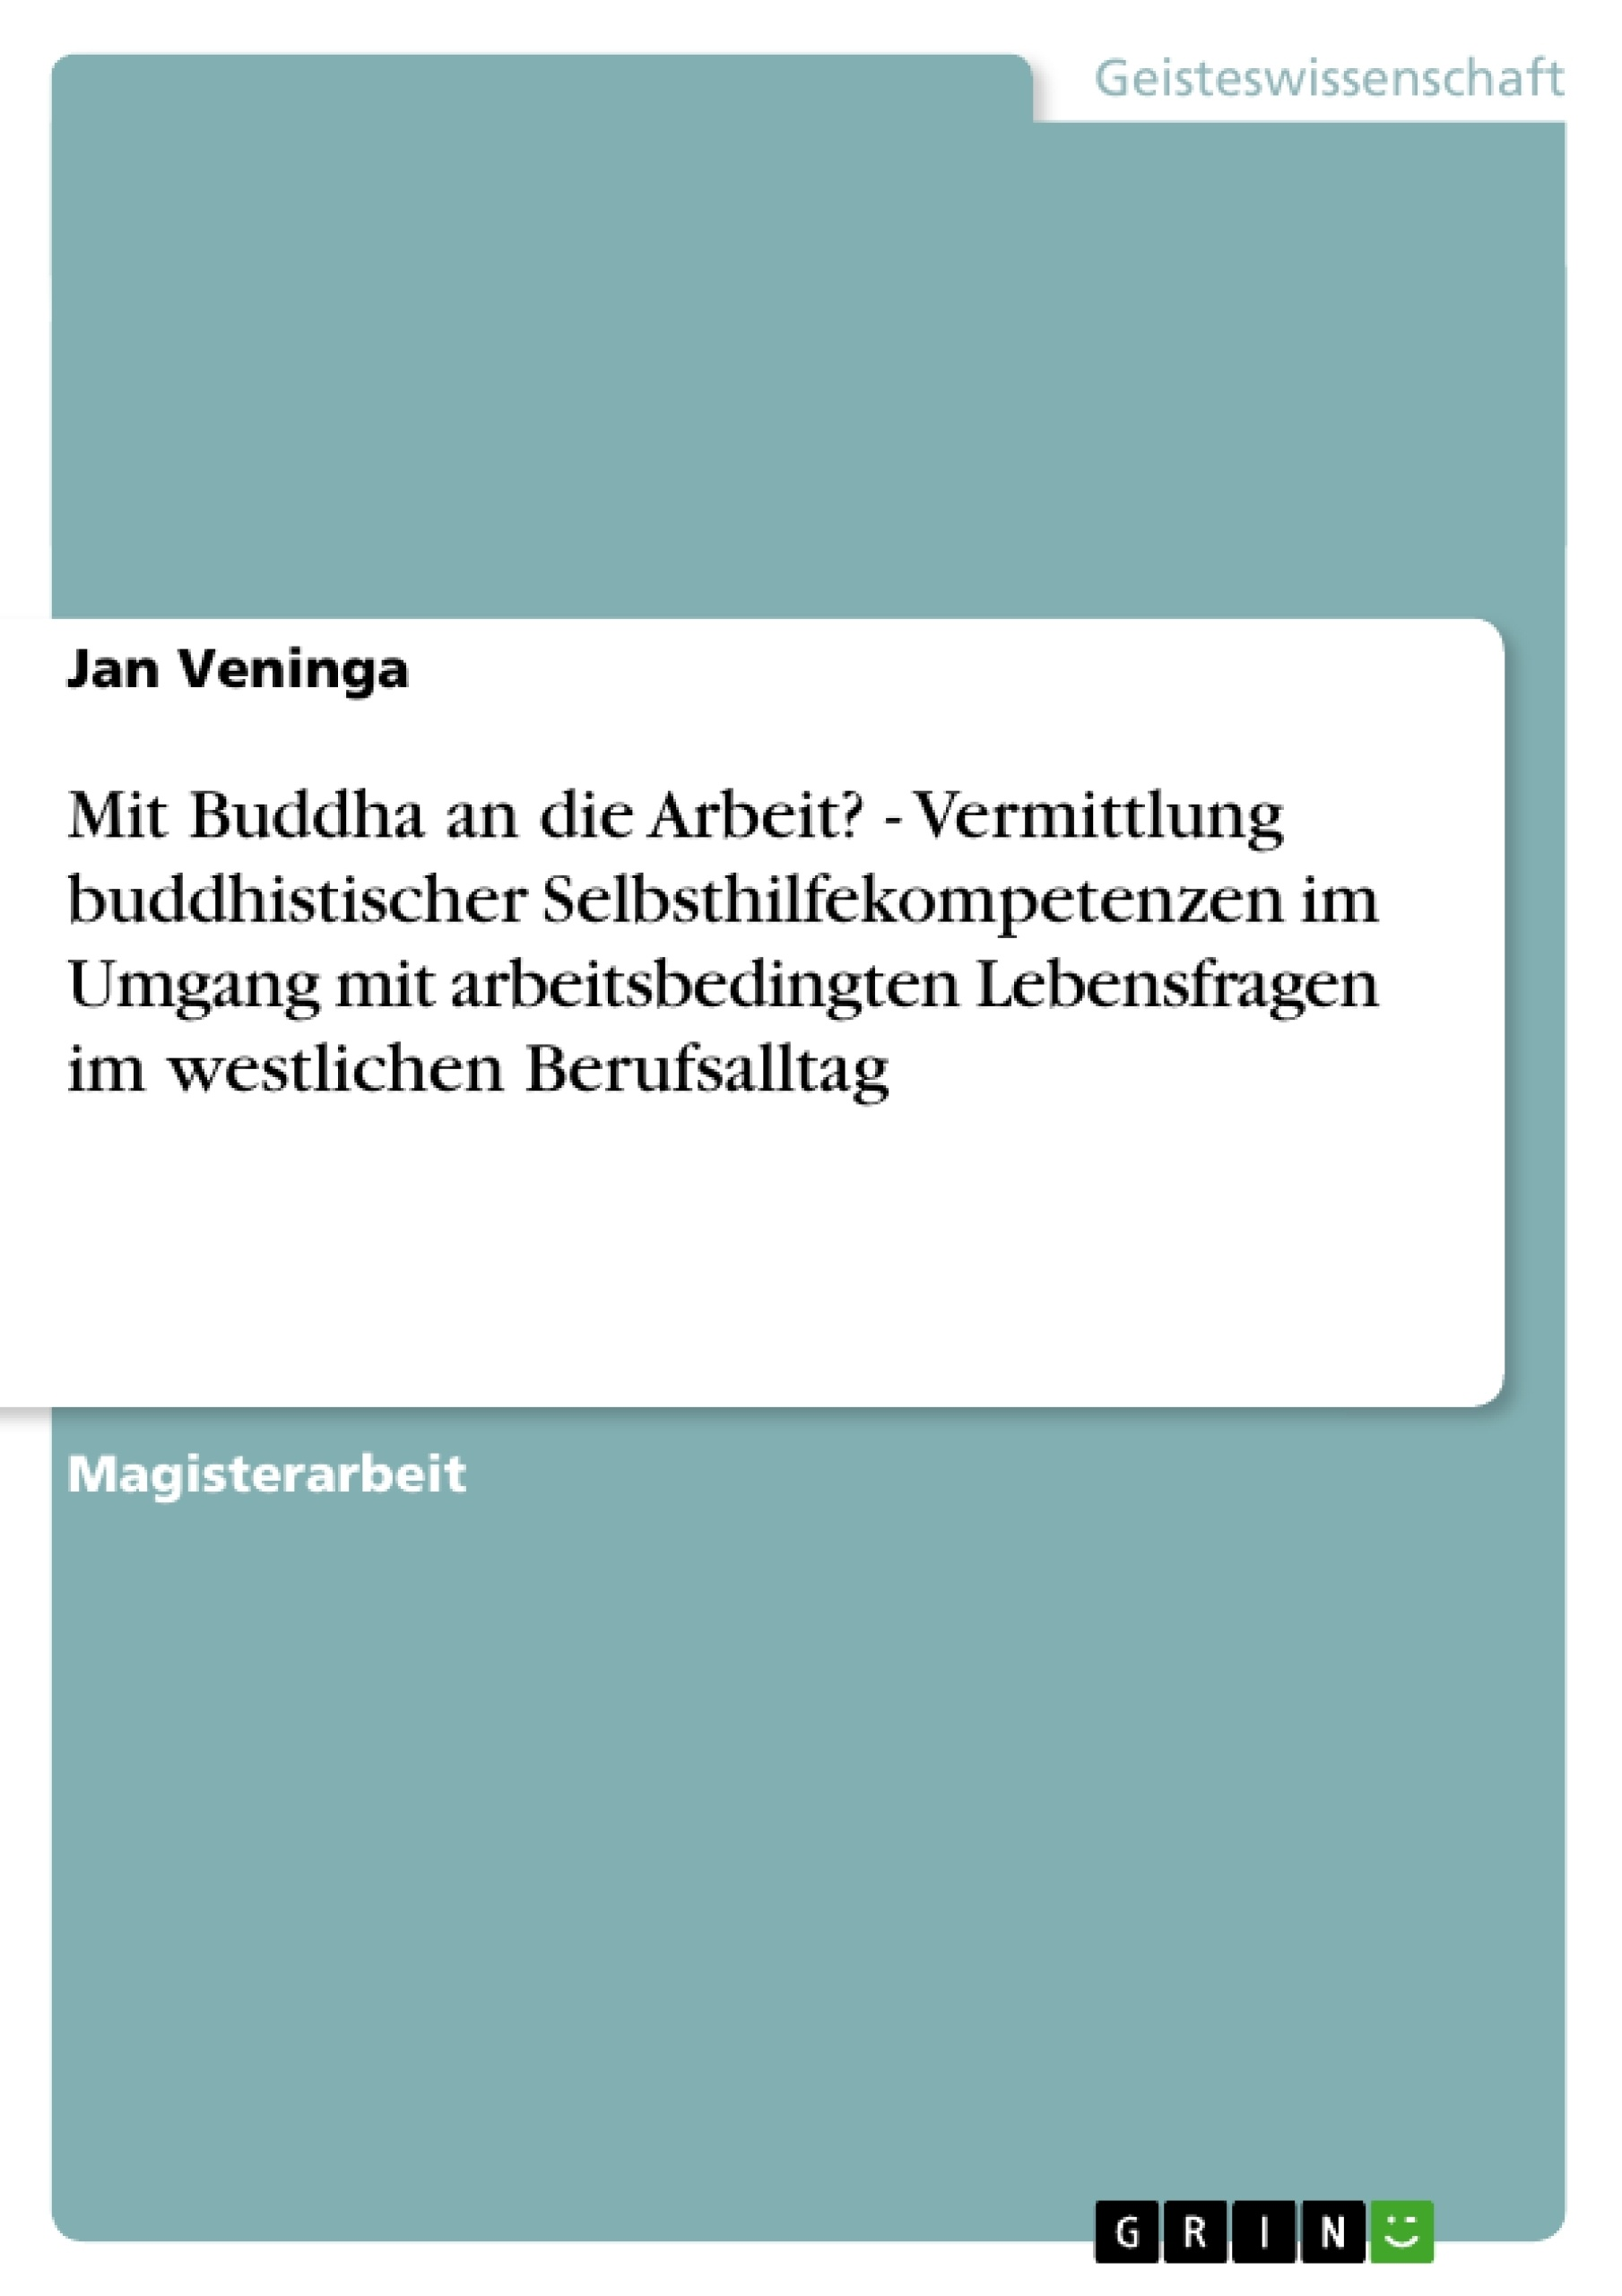 Titel: Mit Buddha an die Arbeit? - Vermittlung buddhistischer Selbsthilfekompetenzen im Umgang mit arbeitsbedingten Lebensfragen im westlichen Berufsalltag